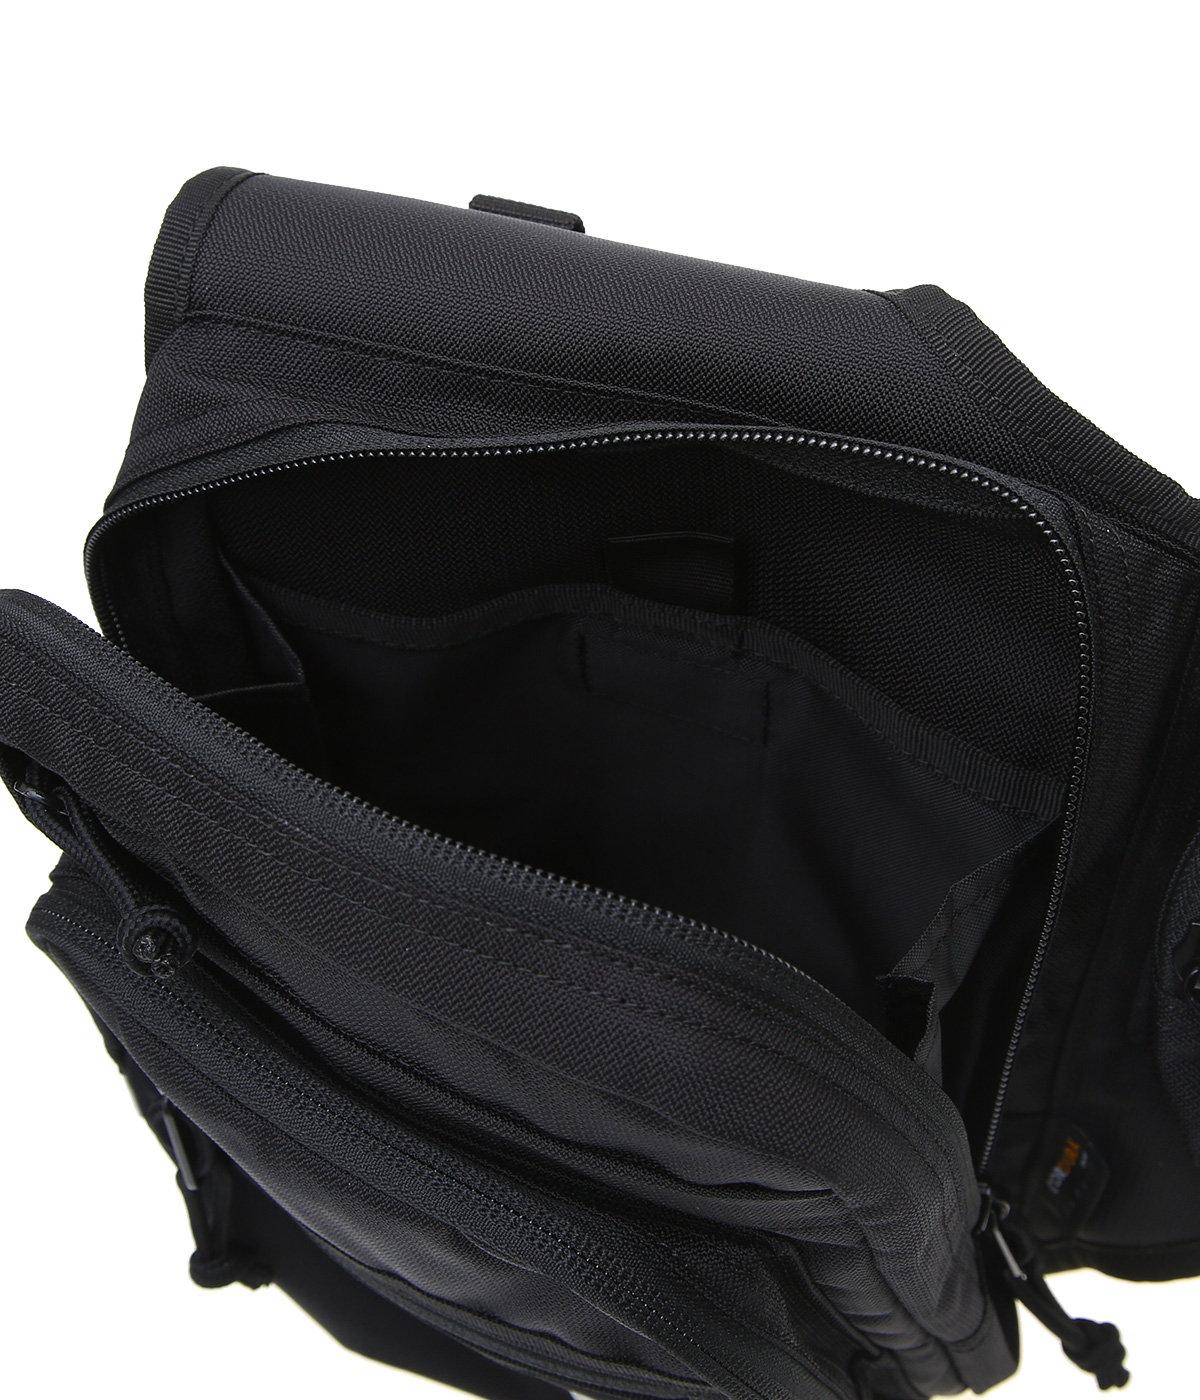 DELTA SHOULDER BAG